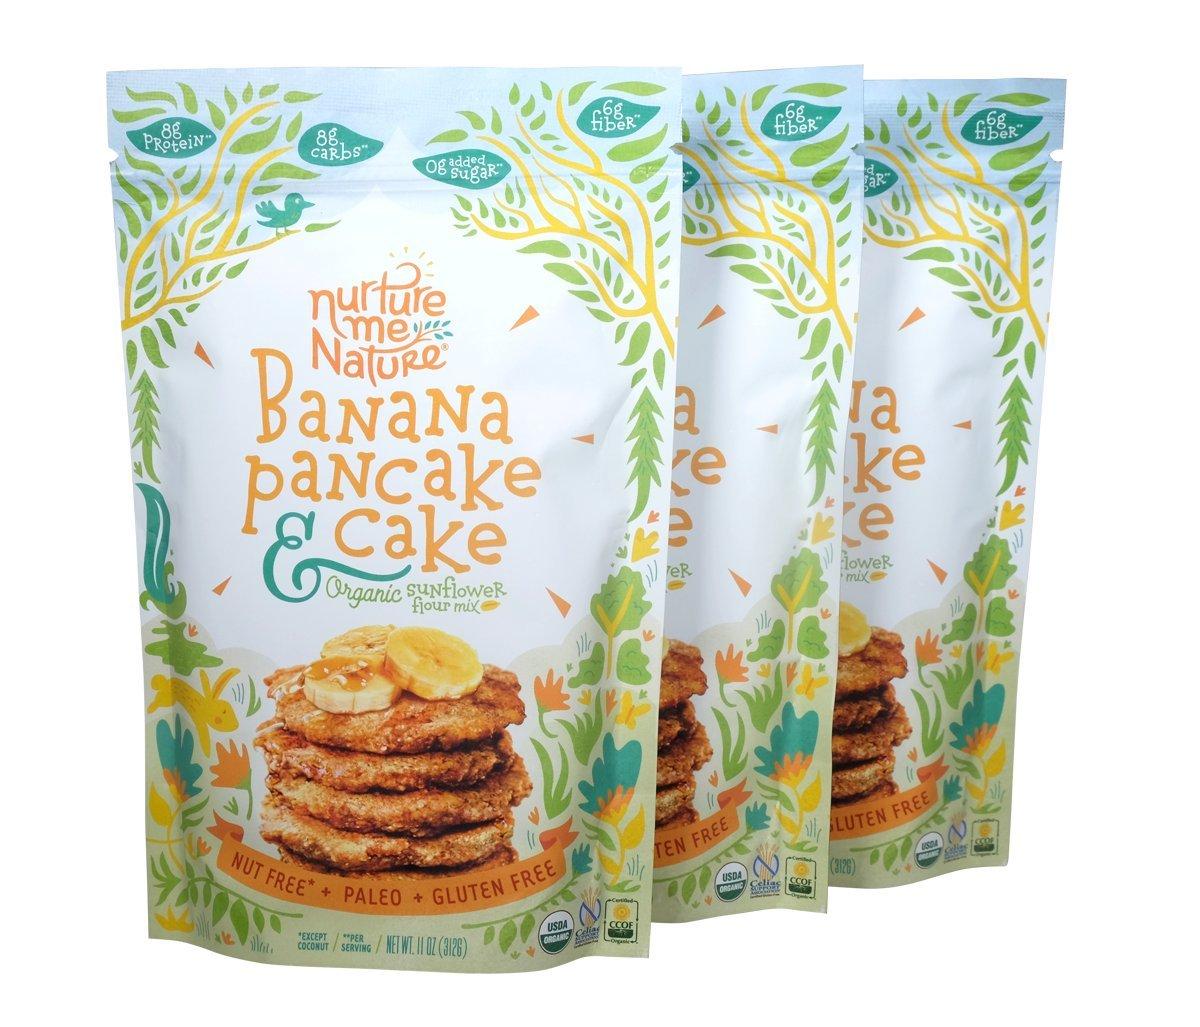 Paleo Nut Free Banana Pancake & Cake Baking Mix / USDA Organic (Pack of 3)